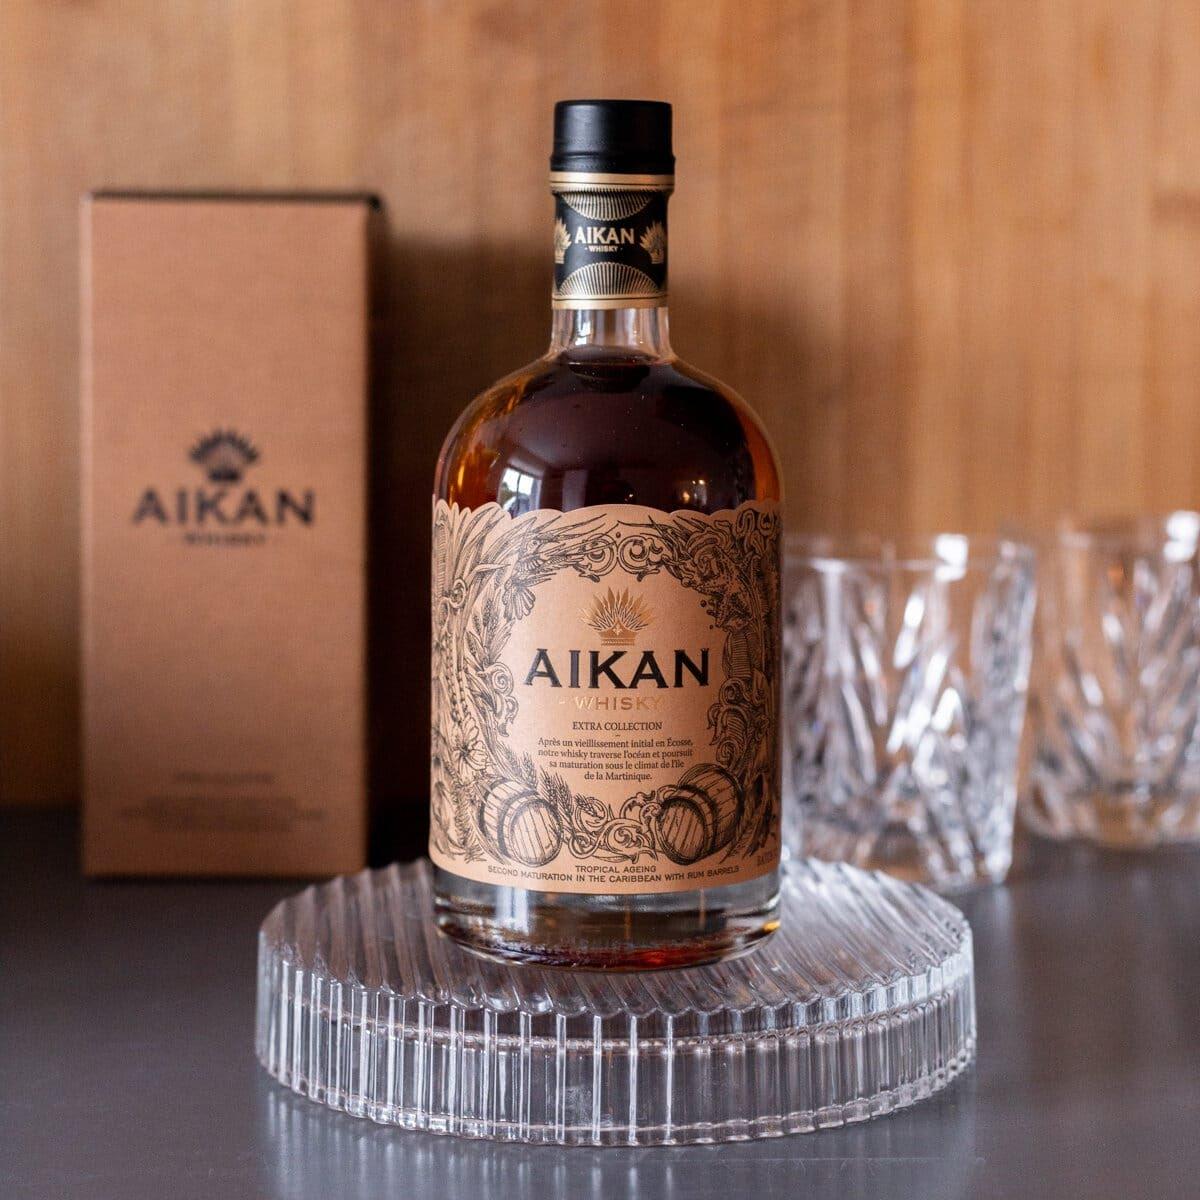 Cadeau de Saint-Valentin pour homme - Whisky Aikan